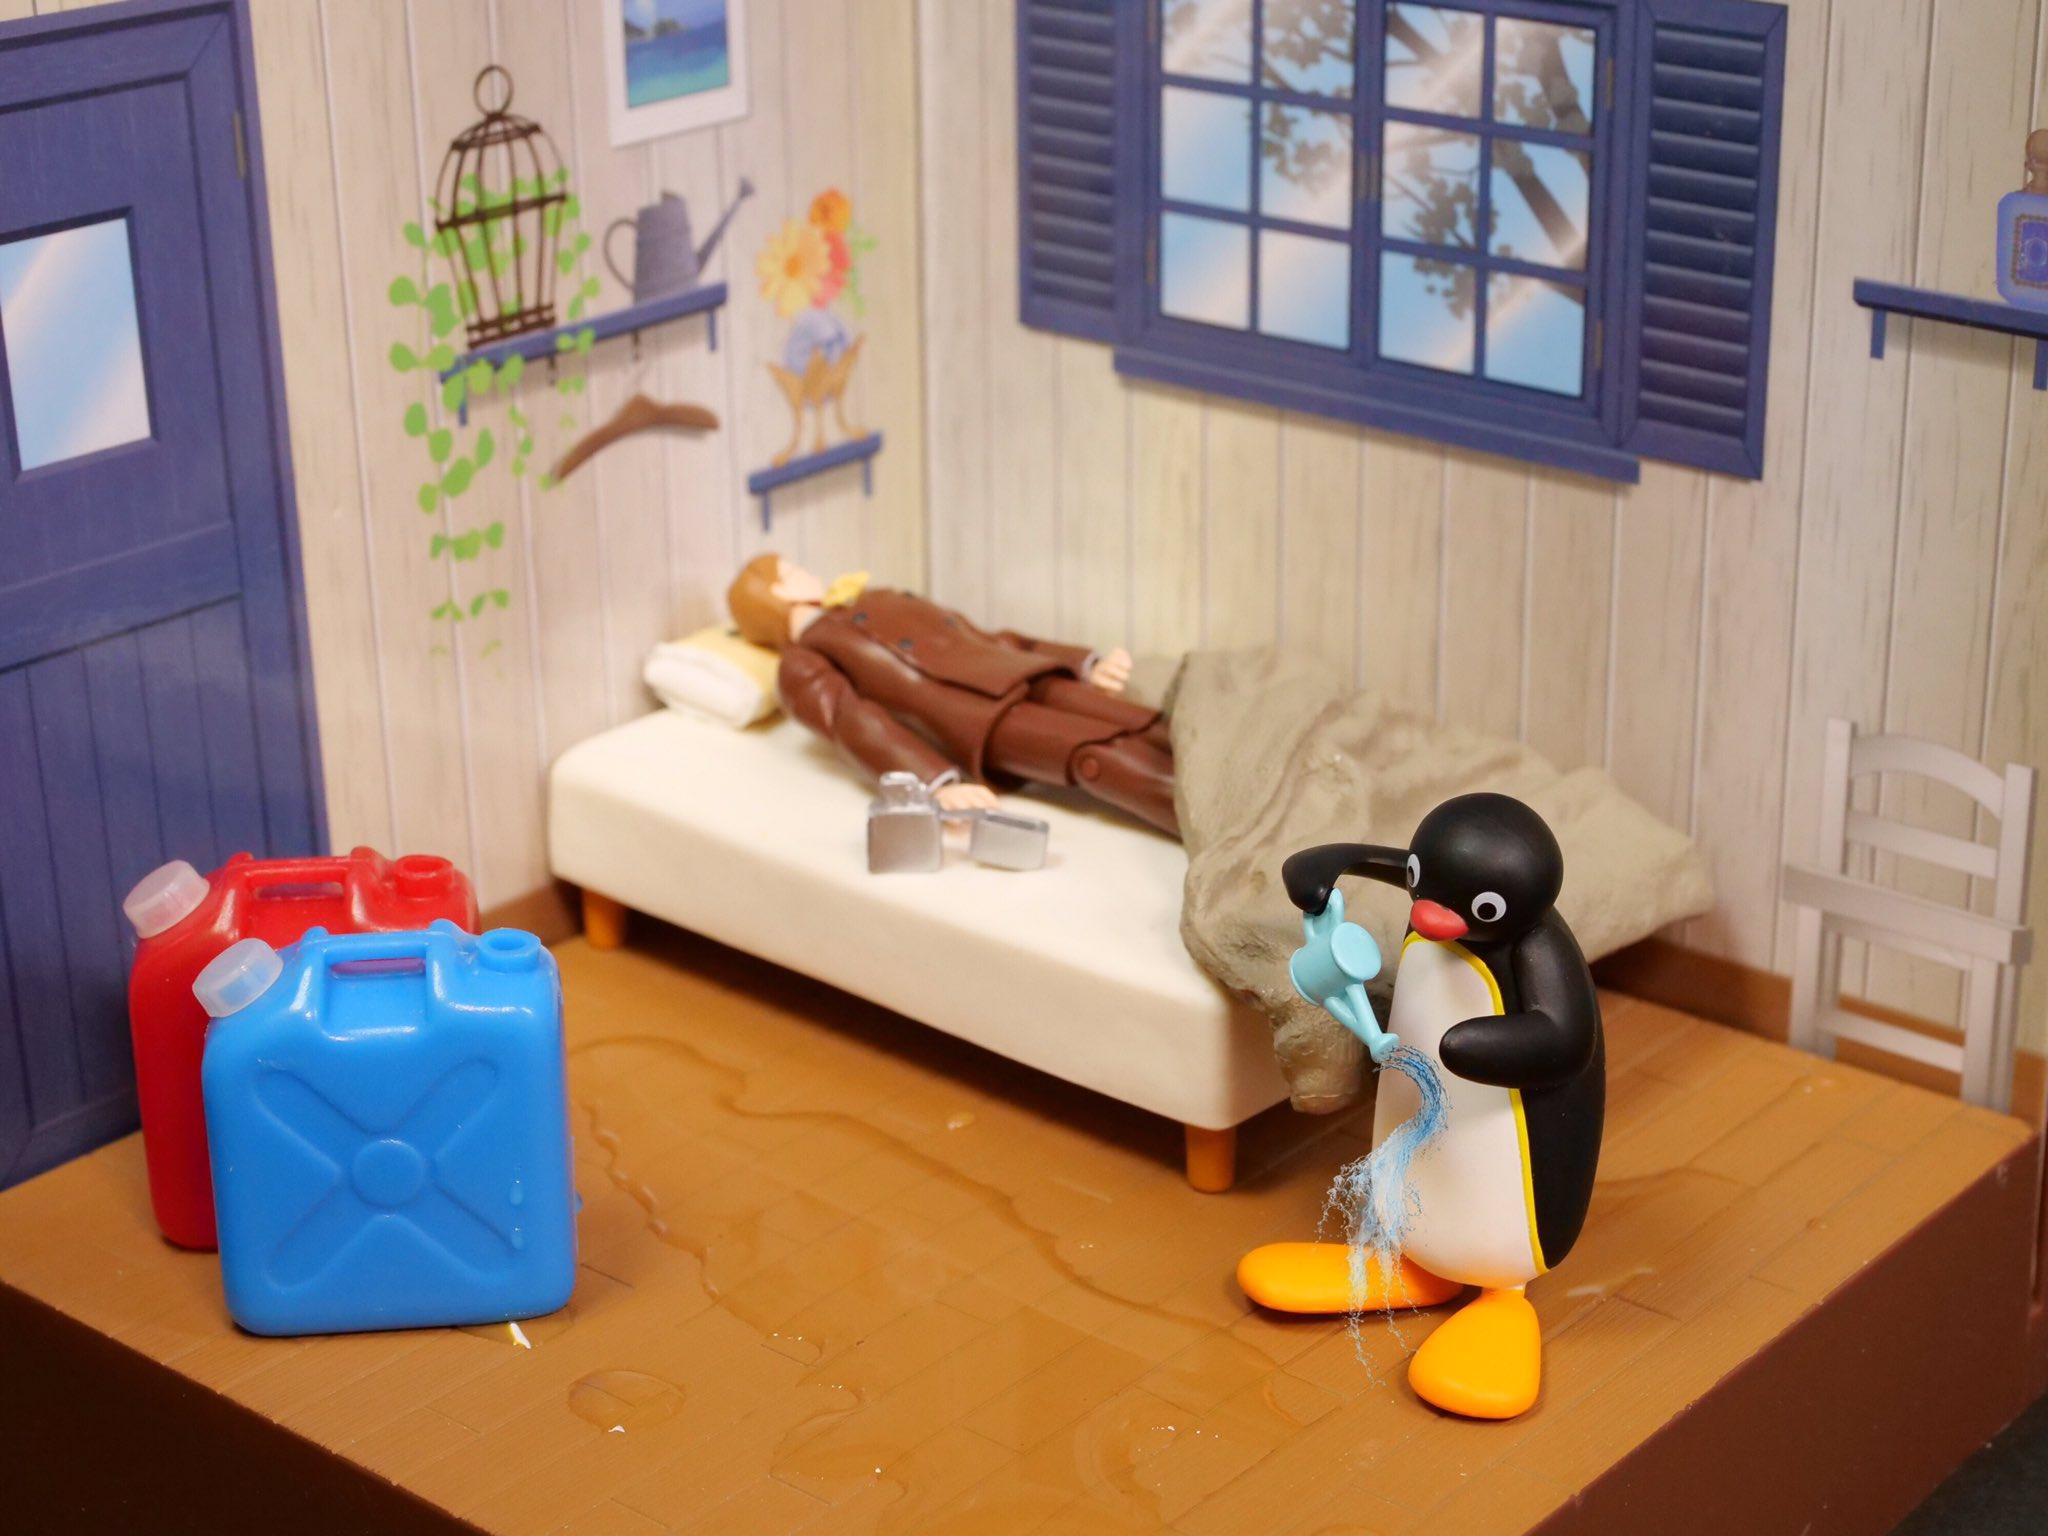 嫌いな上司の部屋に水を撒くピングー